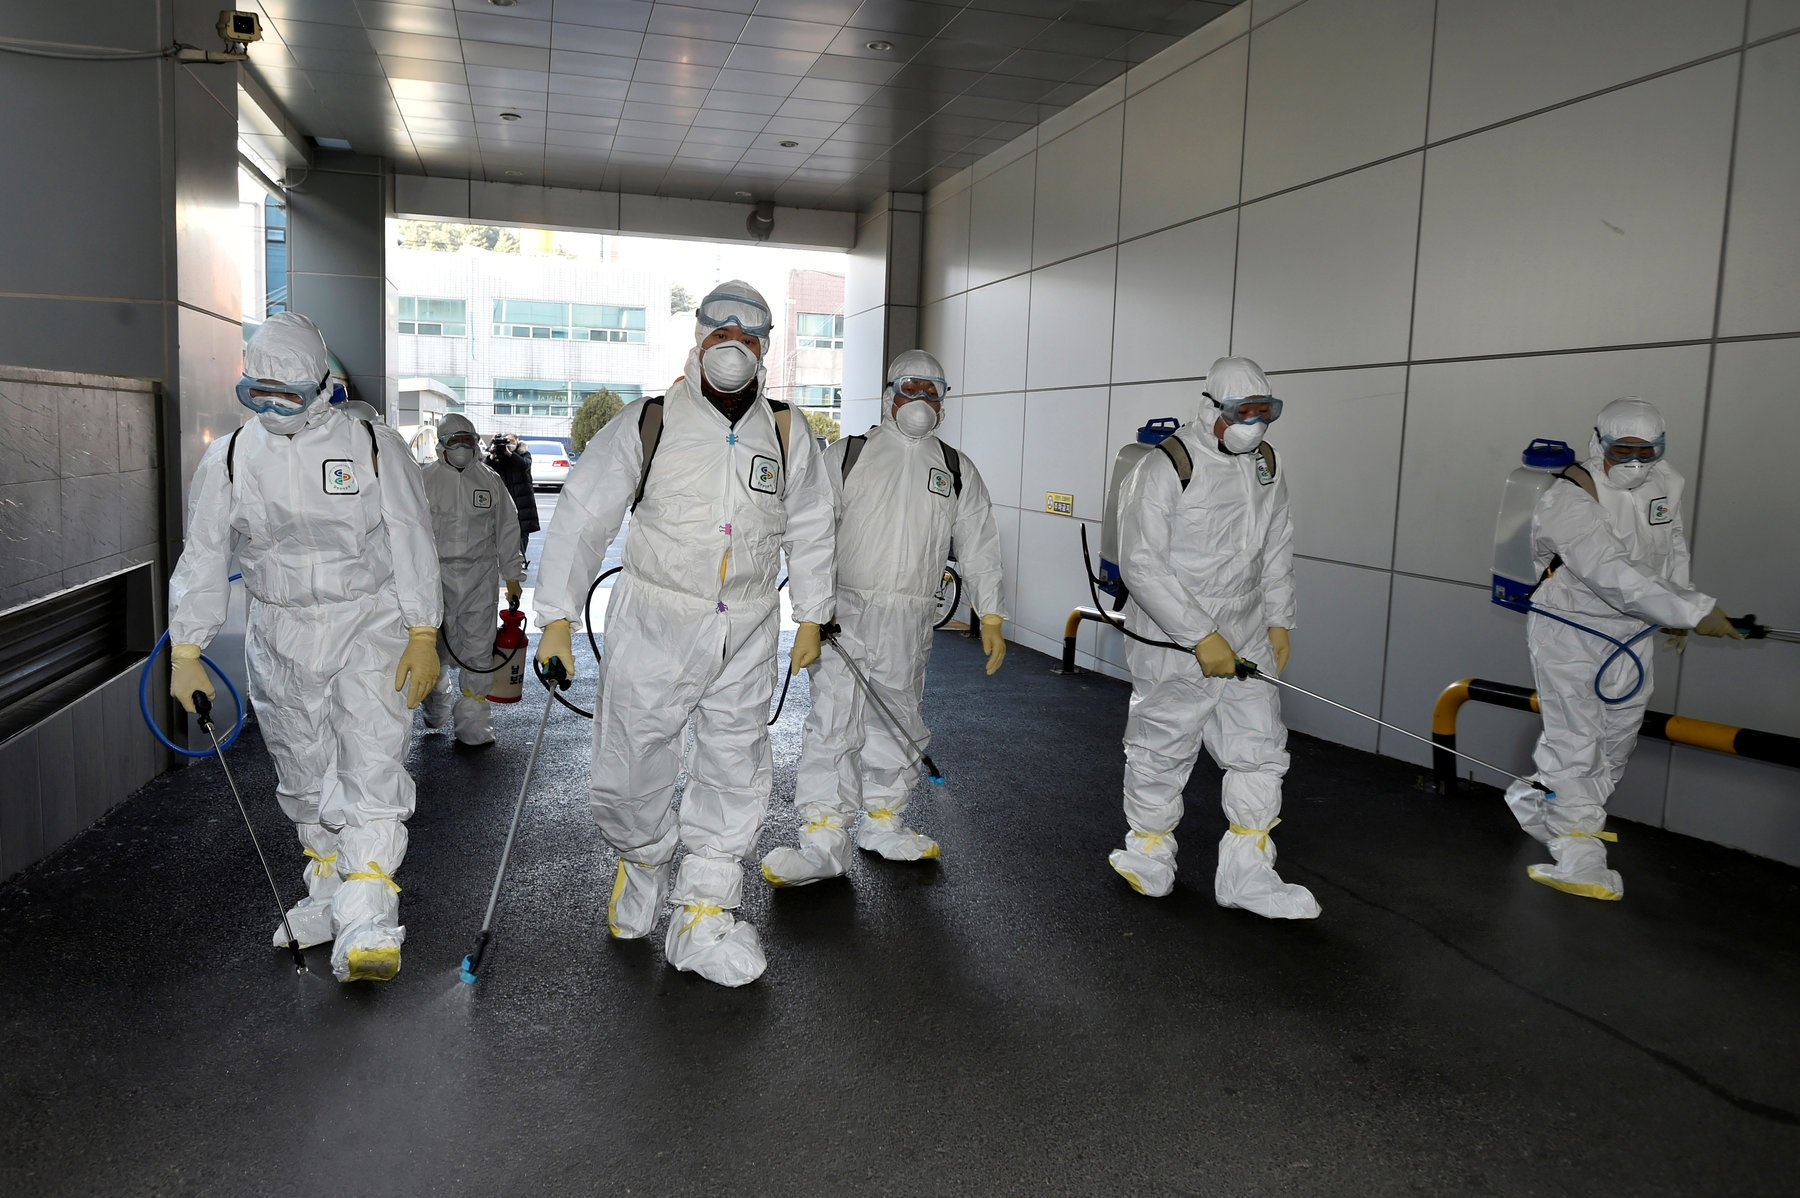 БНХАУ-д шинэ коронавирусийн халдварын тархалт буурсан ч бусад улс орнуудад нэмэгджээ